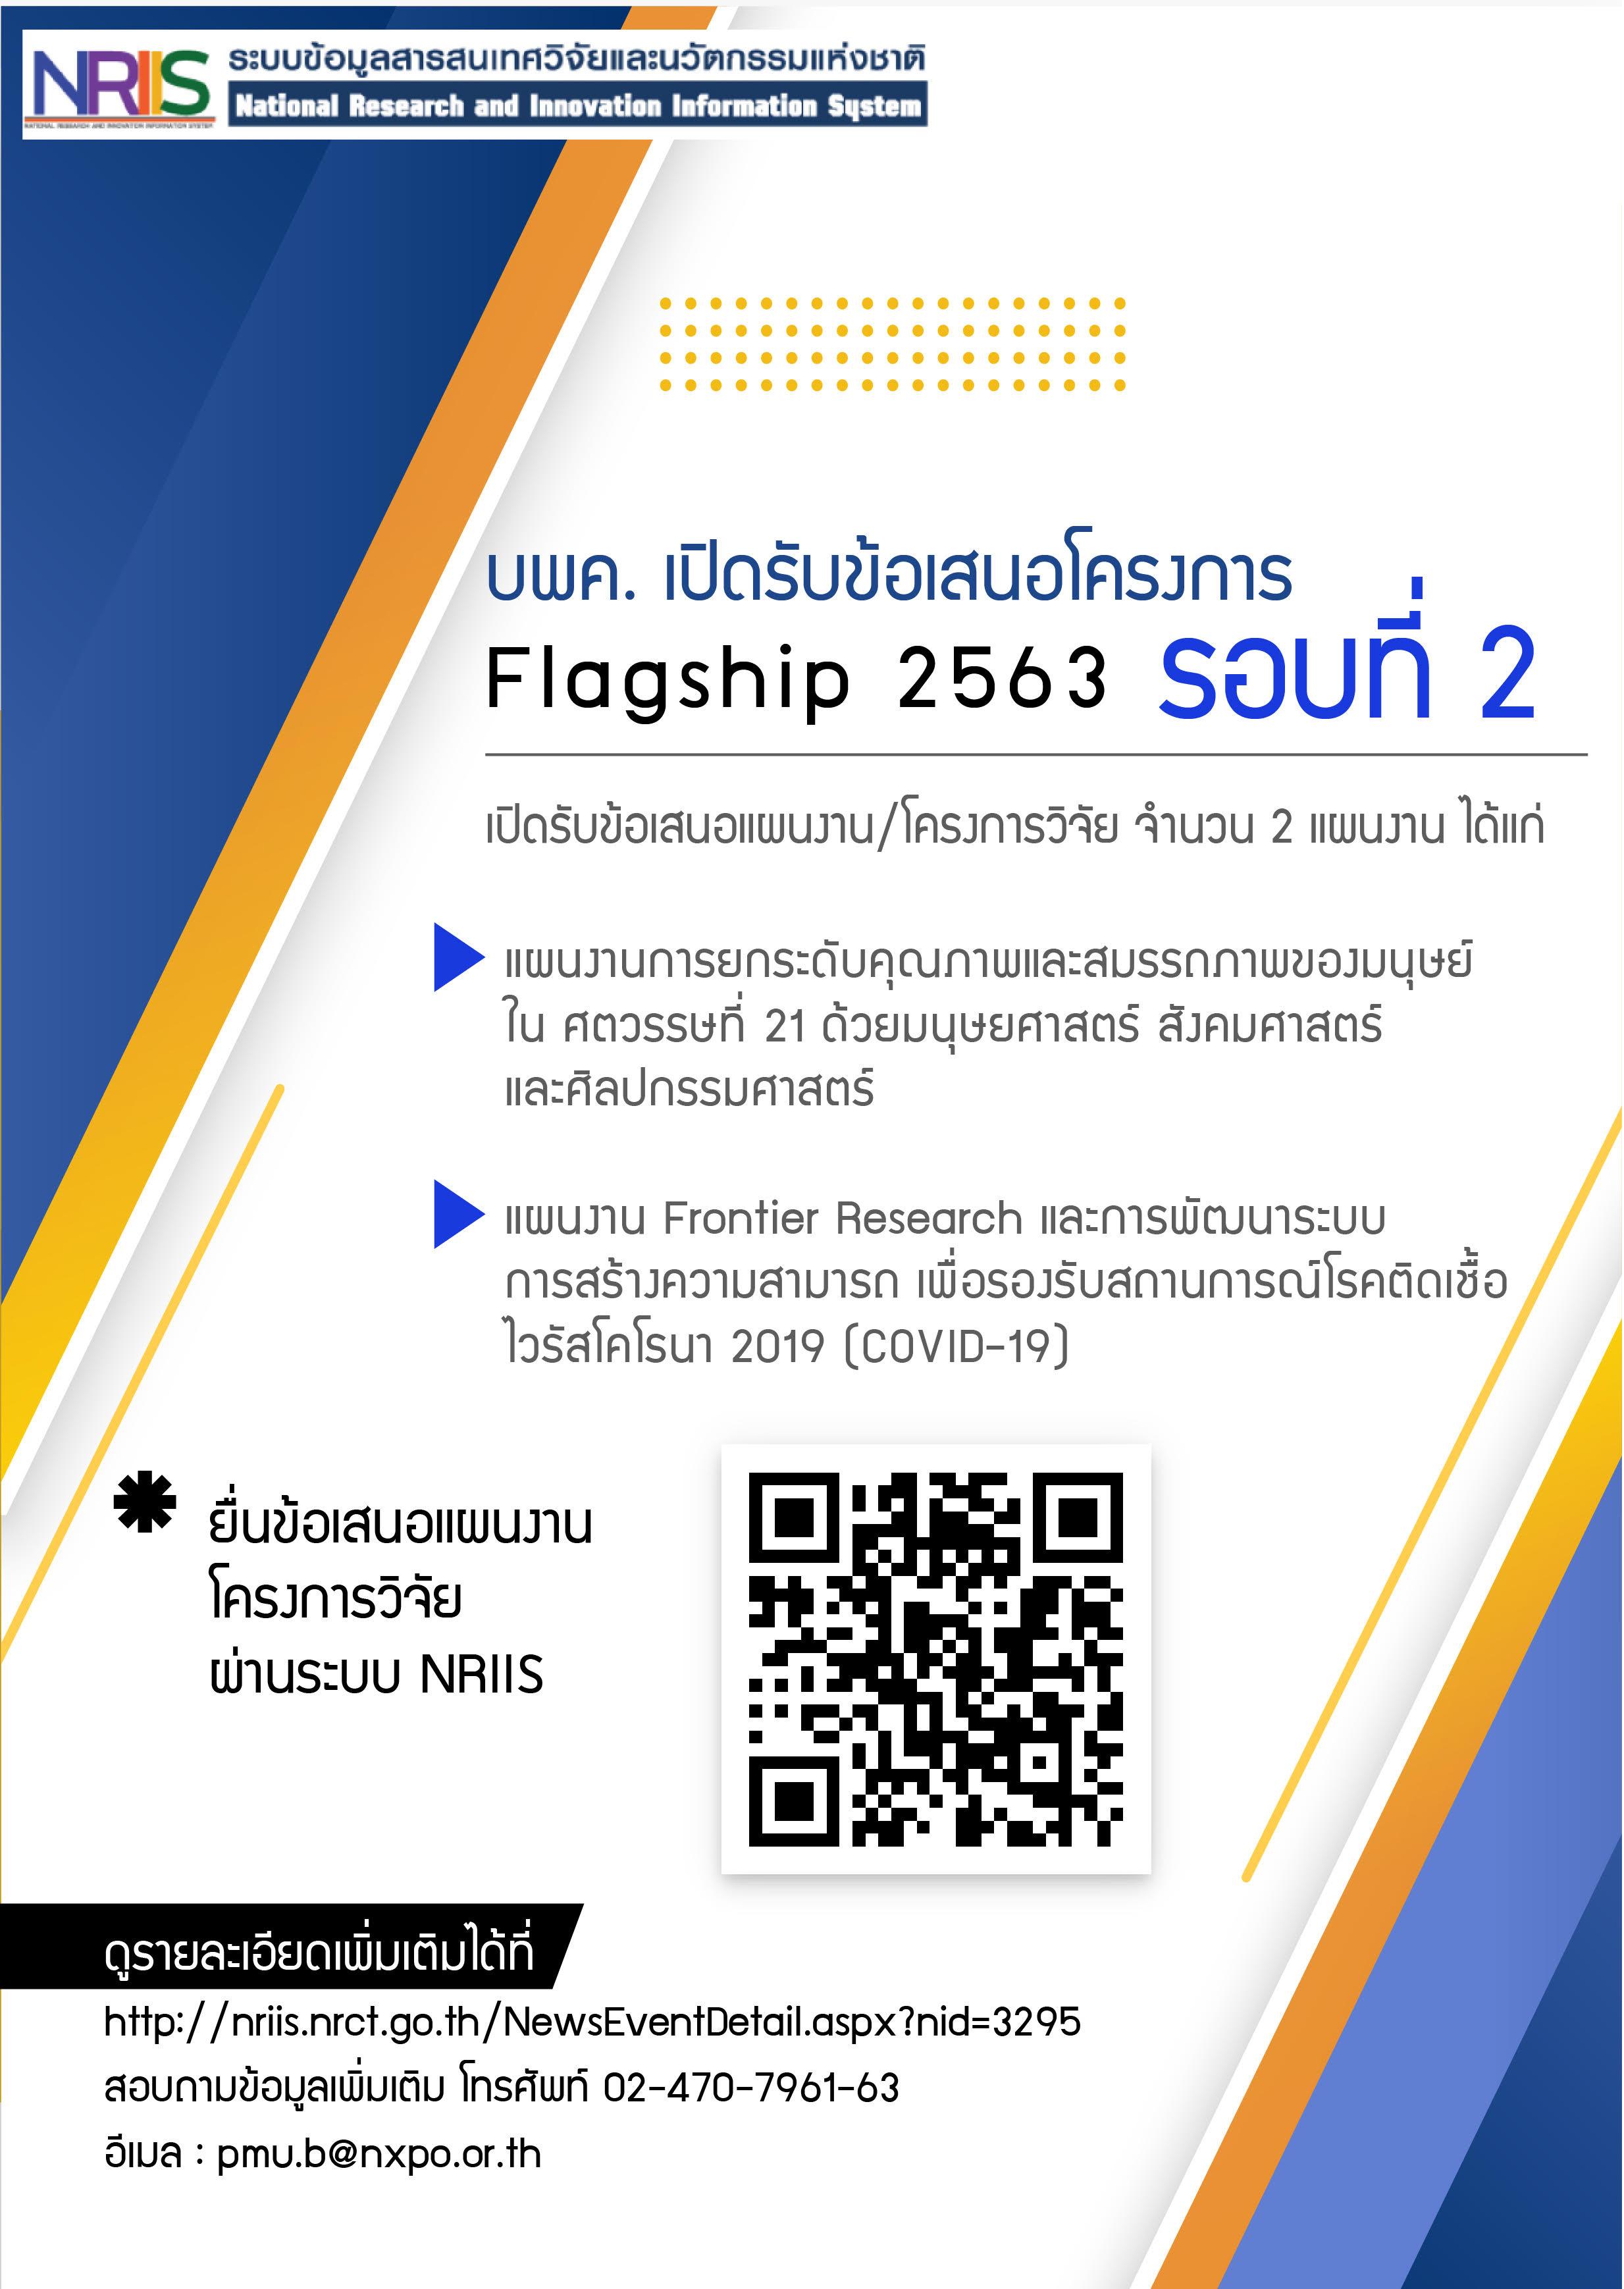 โครงการริเริ่มสำคัญ (Flagship Project) ปีงบประมาณ 2563